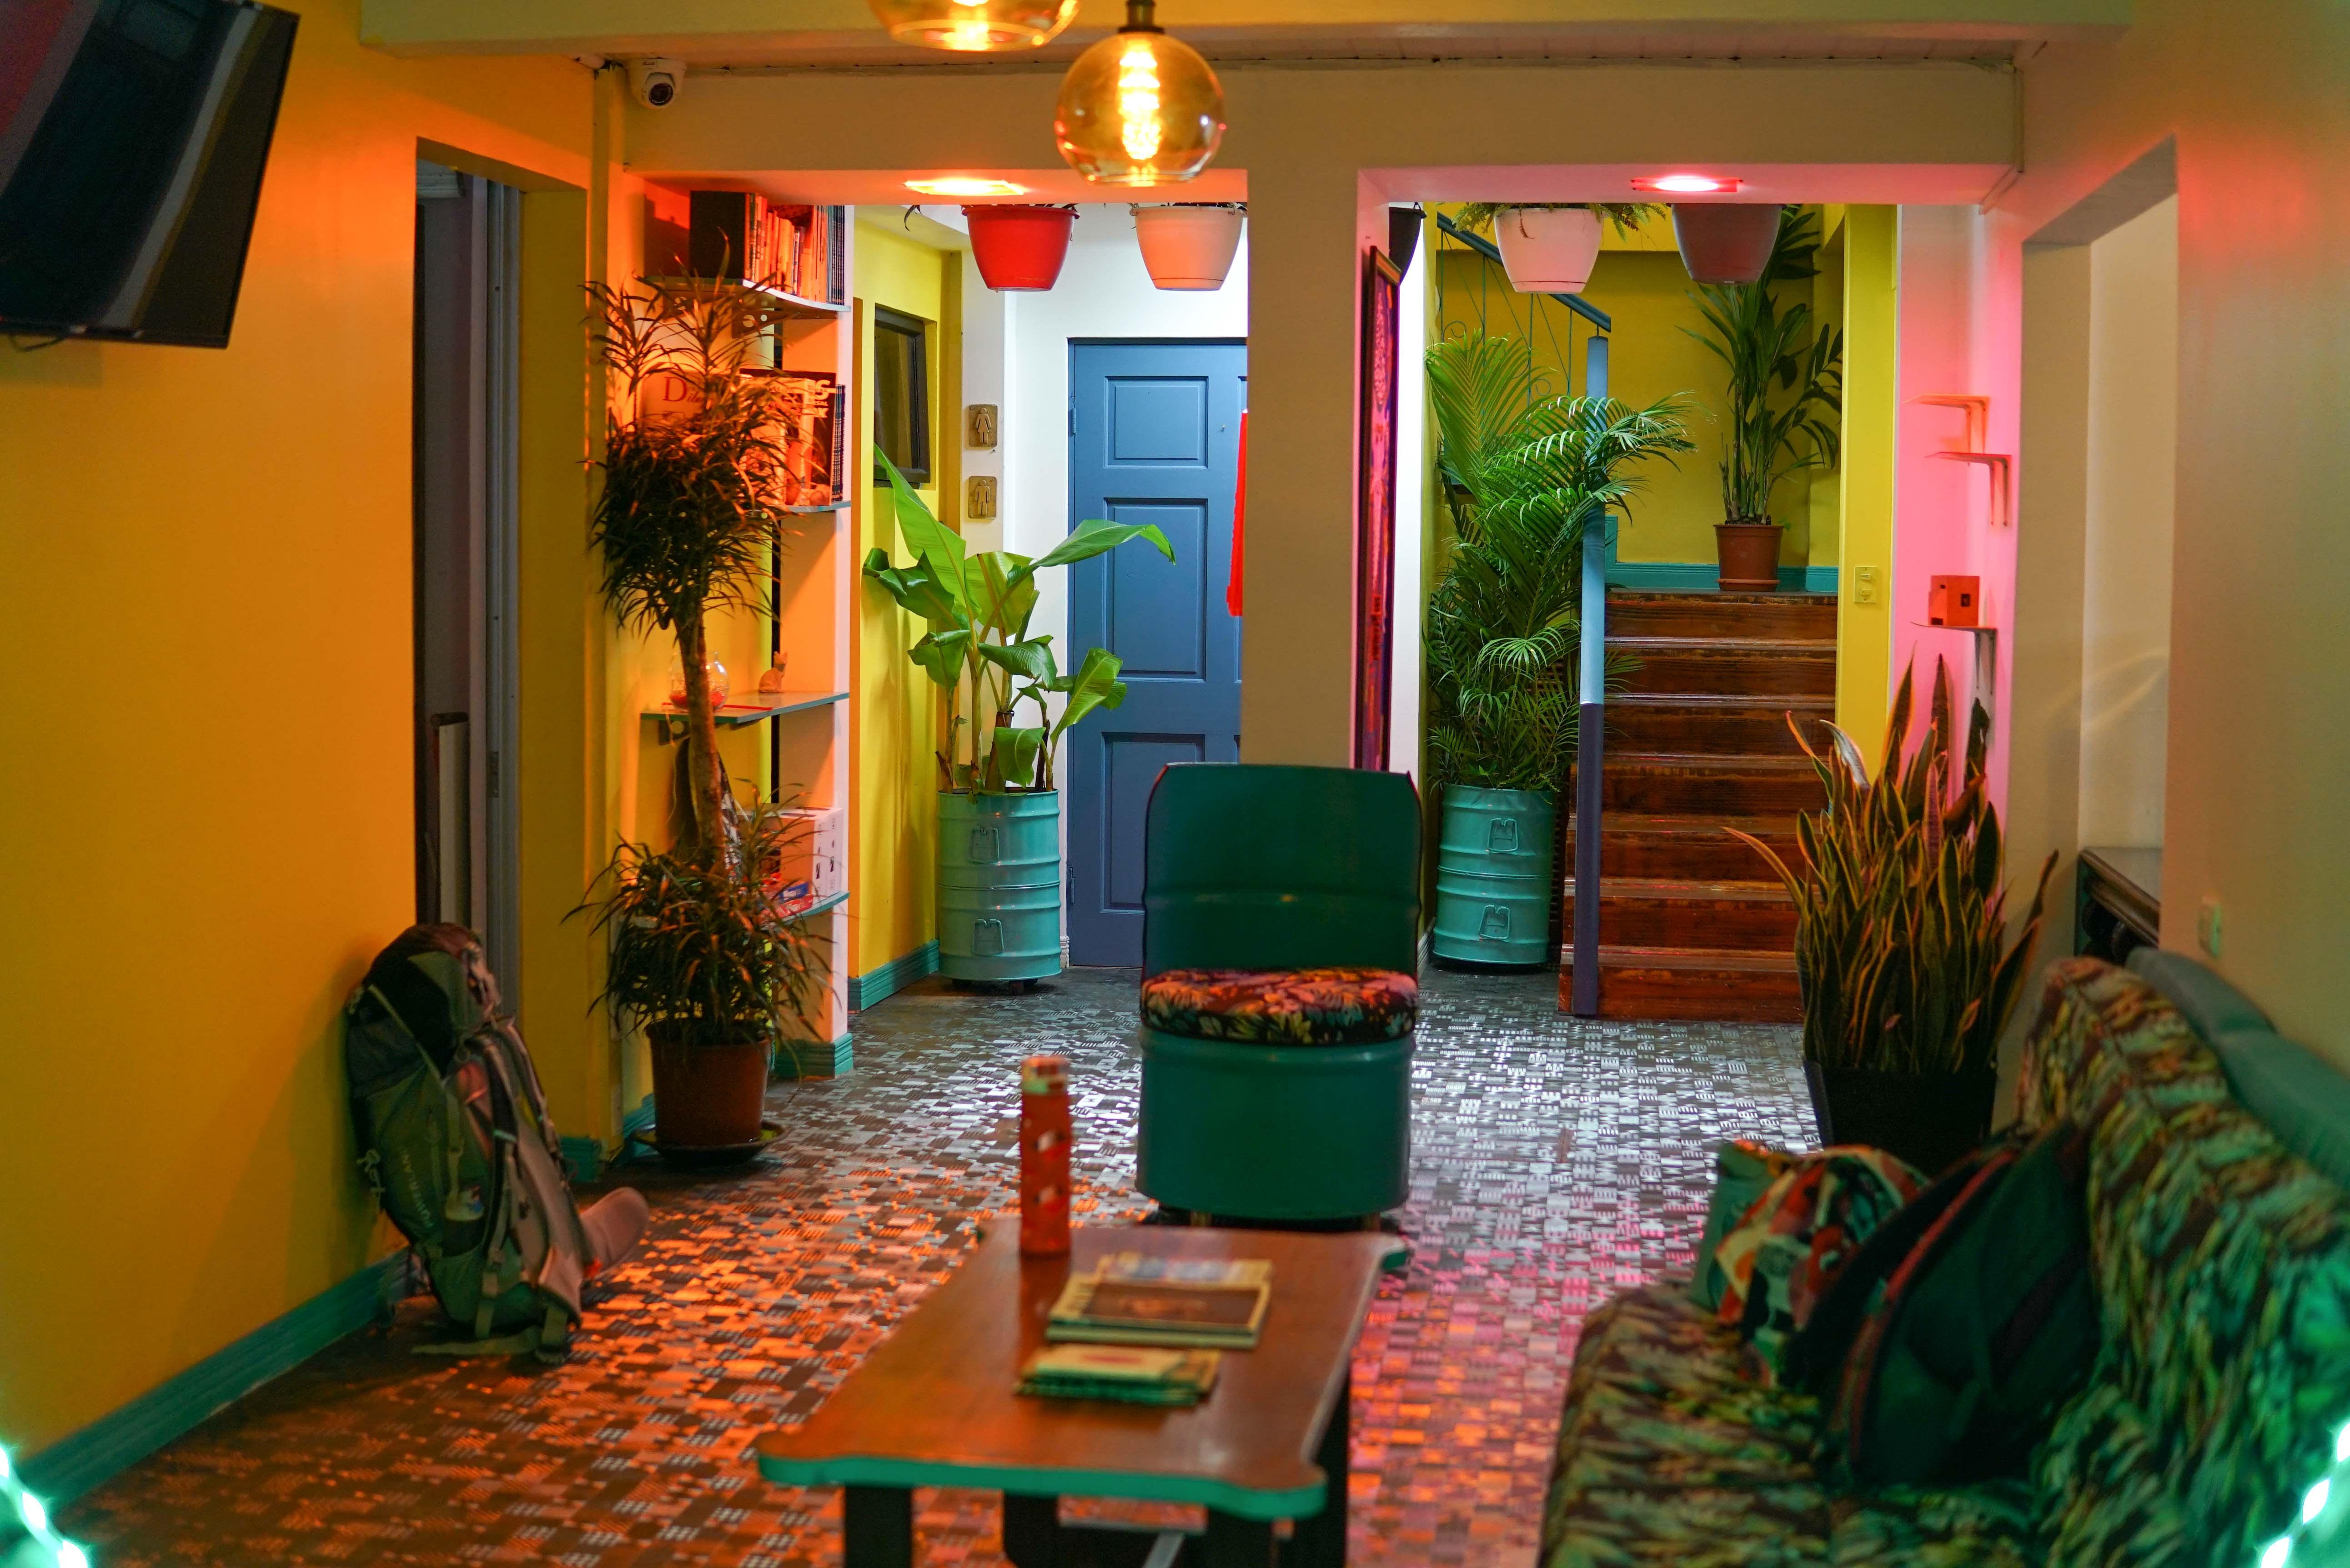 HOSTEL - Nativus Art-Hostel